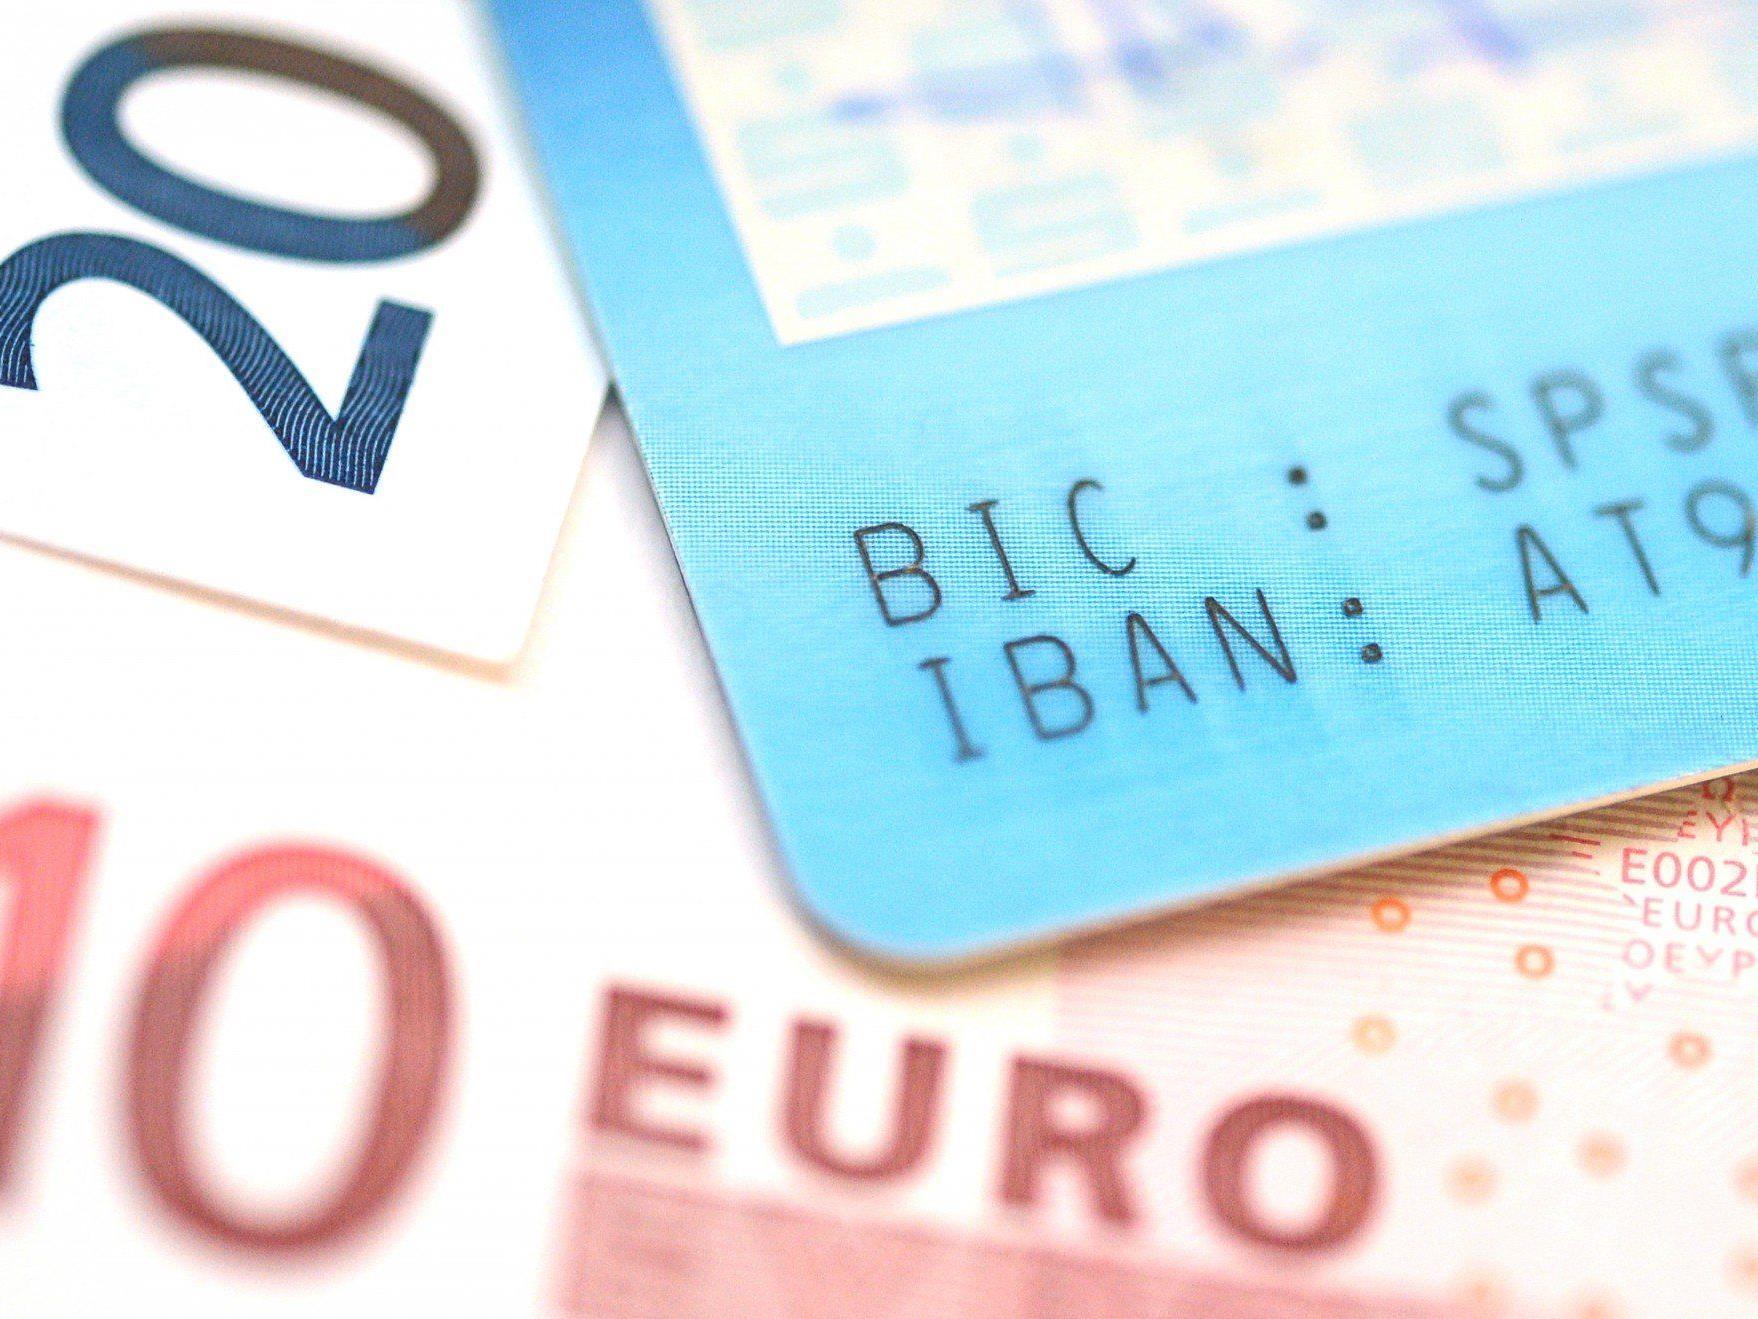 Ursprünglich sollte SEPA-Zahlungssystem zum 1. Februar europaweit in Kraft treten